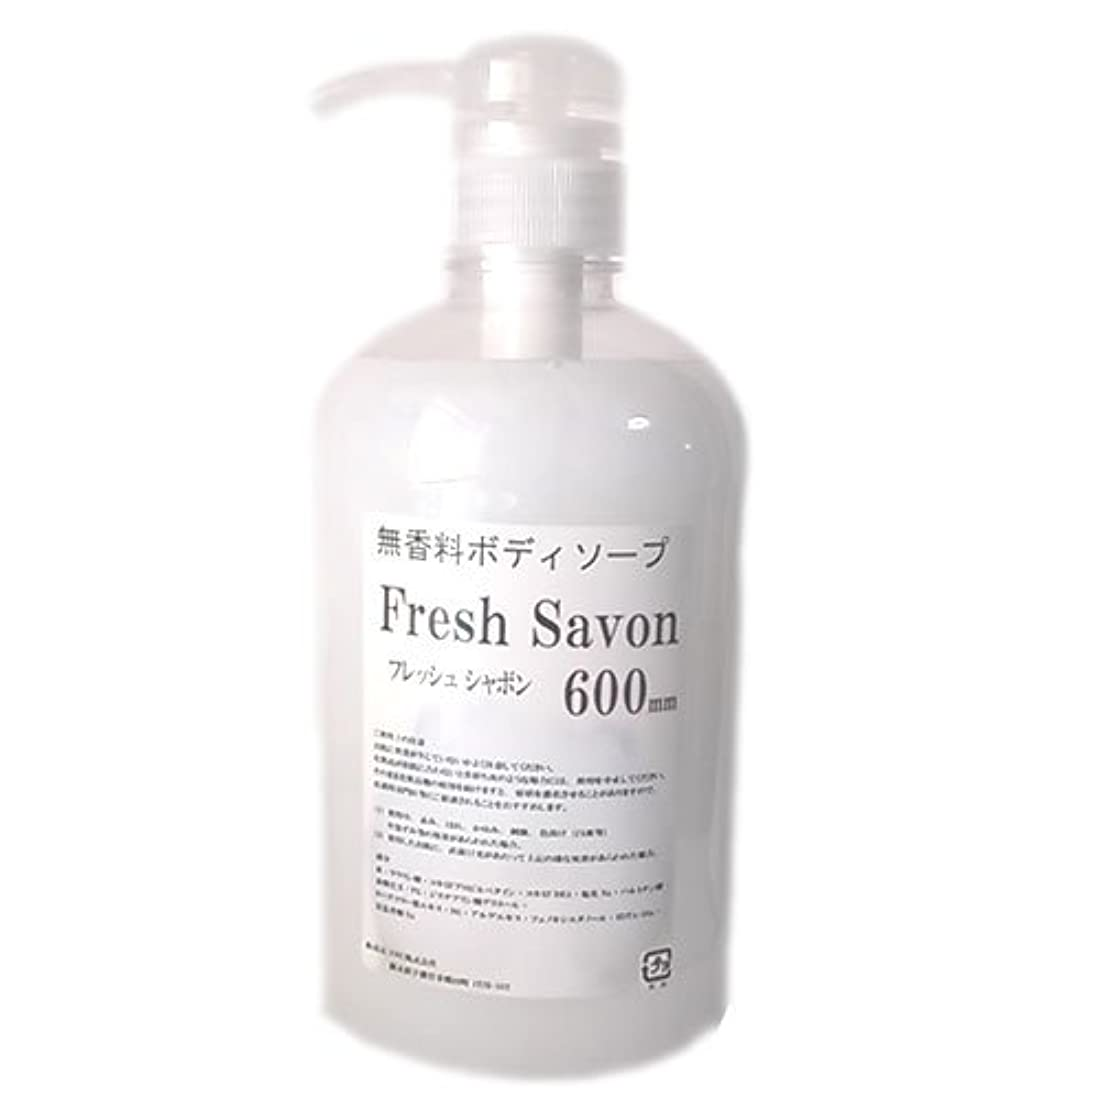 石水分力強い無香料ボディソープ フレッシュシャボン 600mL 香りが残らないタイプ (10本セット)